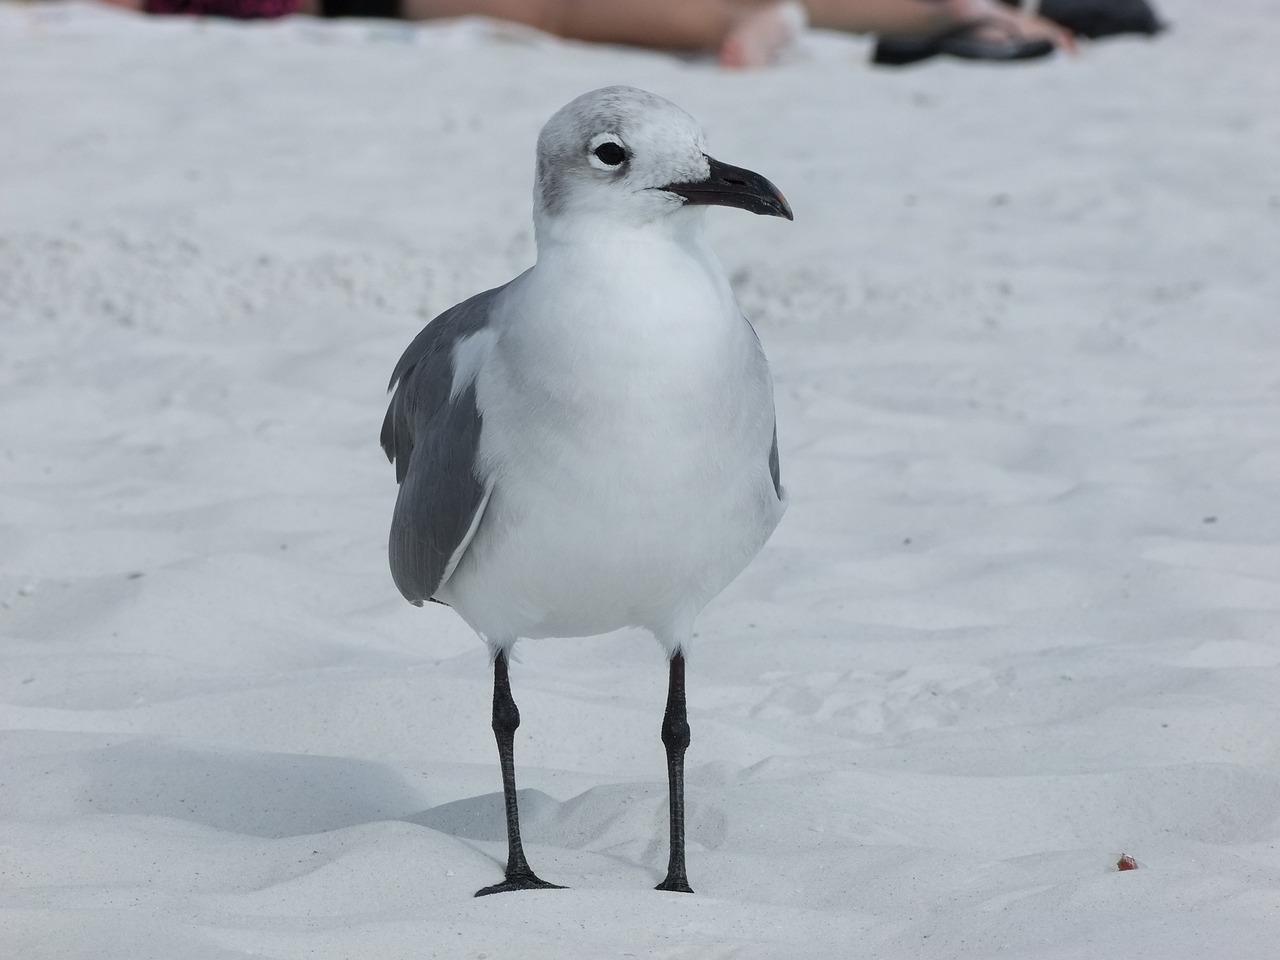 the seagull ang tagak Ang mandaragit na seagull, at ang kamatayan ng gayong unibersal ang himig ng mga at magandang imaheng hindi ko pinakawalan ang mga tagak.